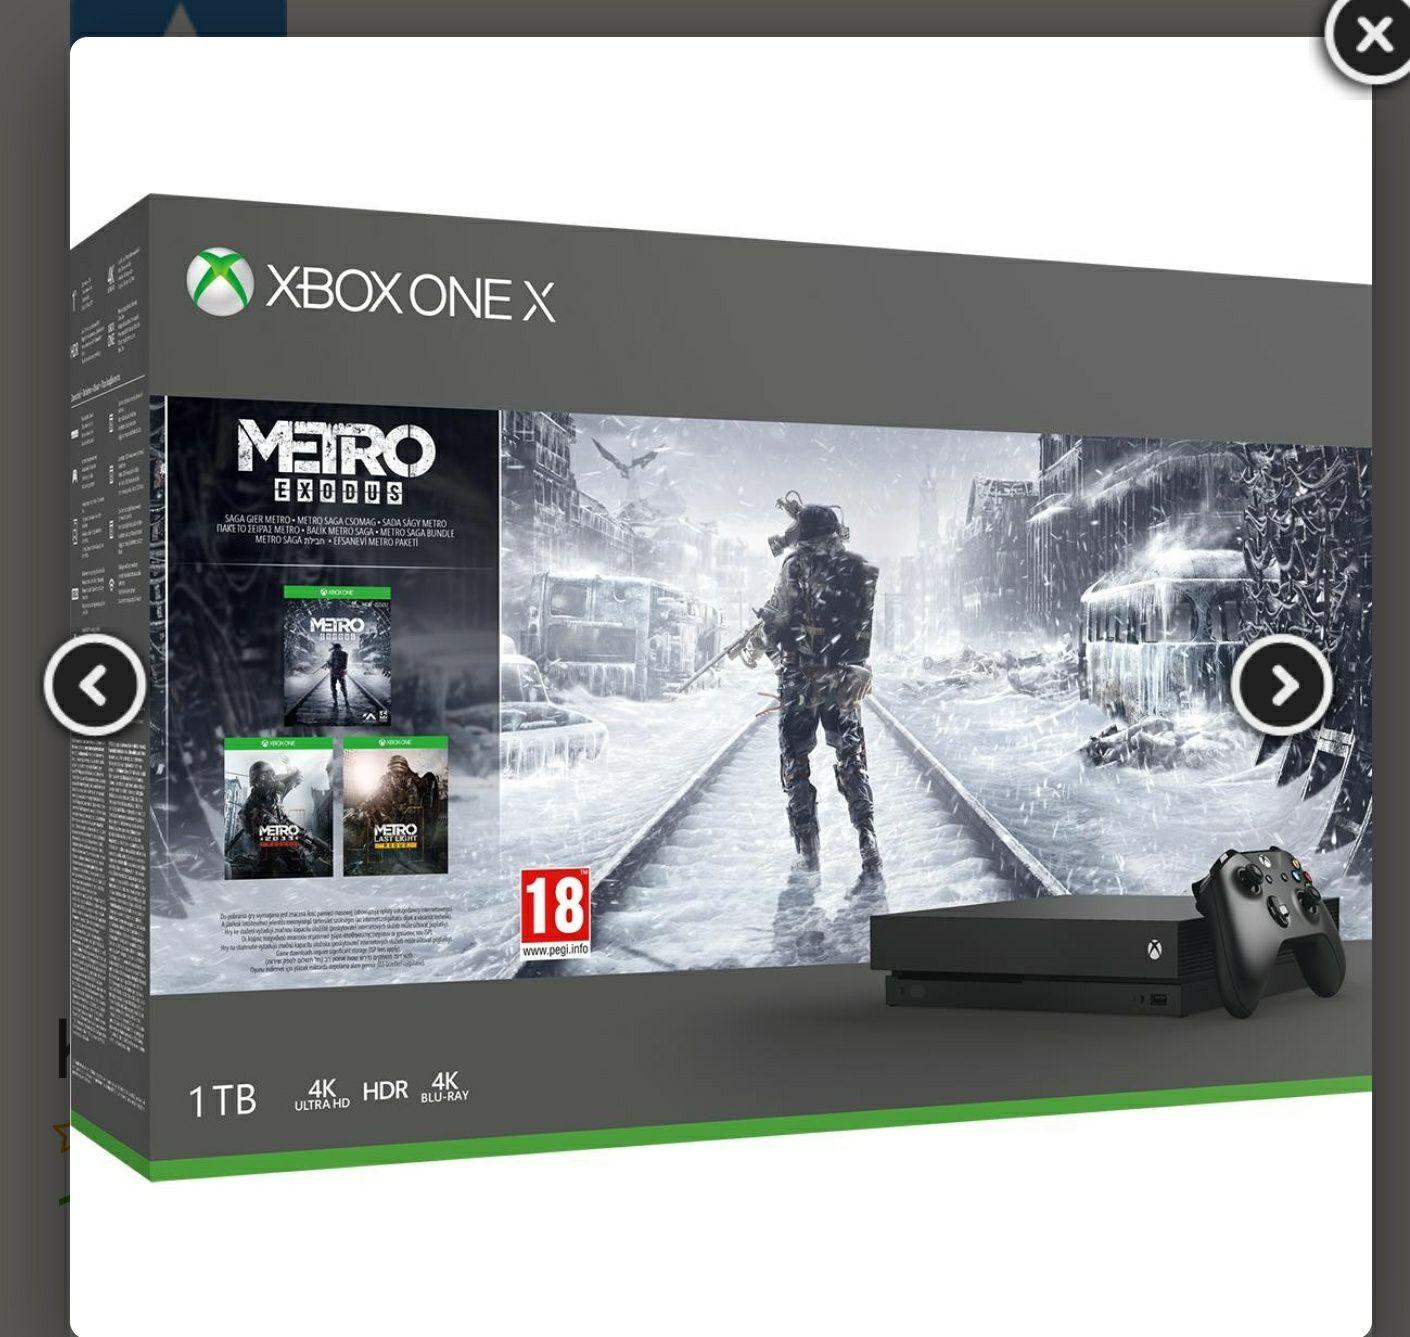 Xbox one x + metro exodus